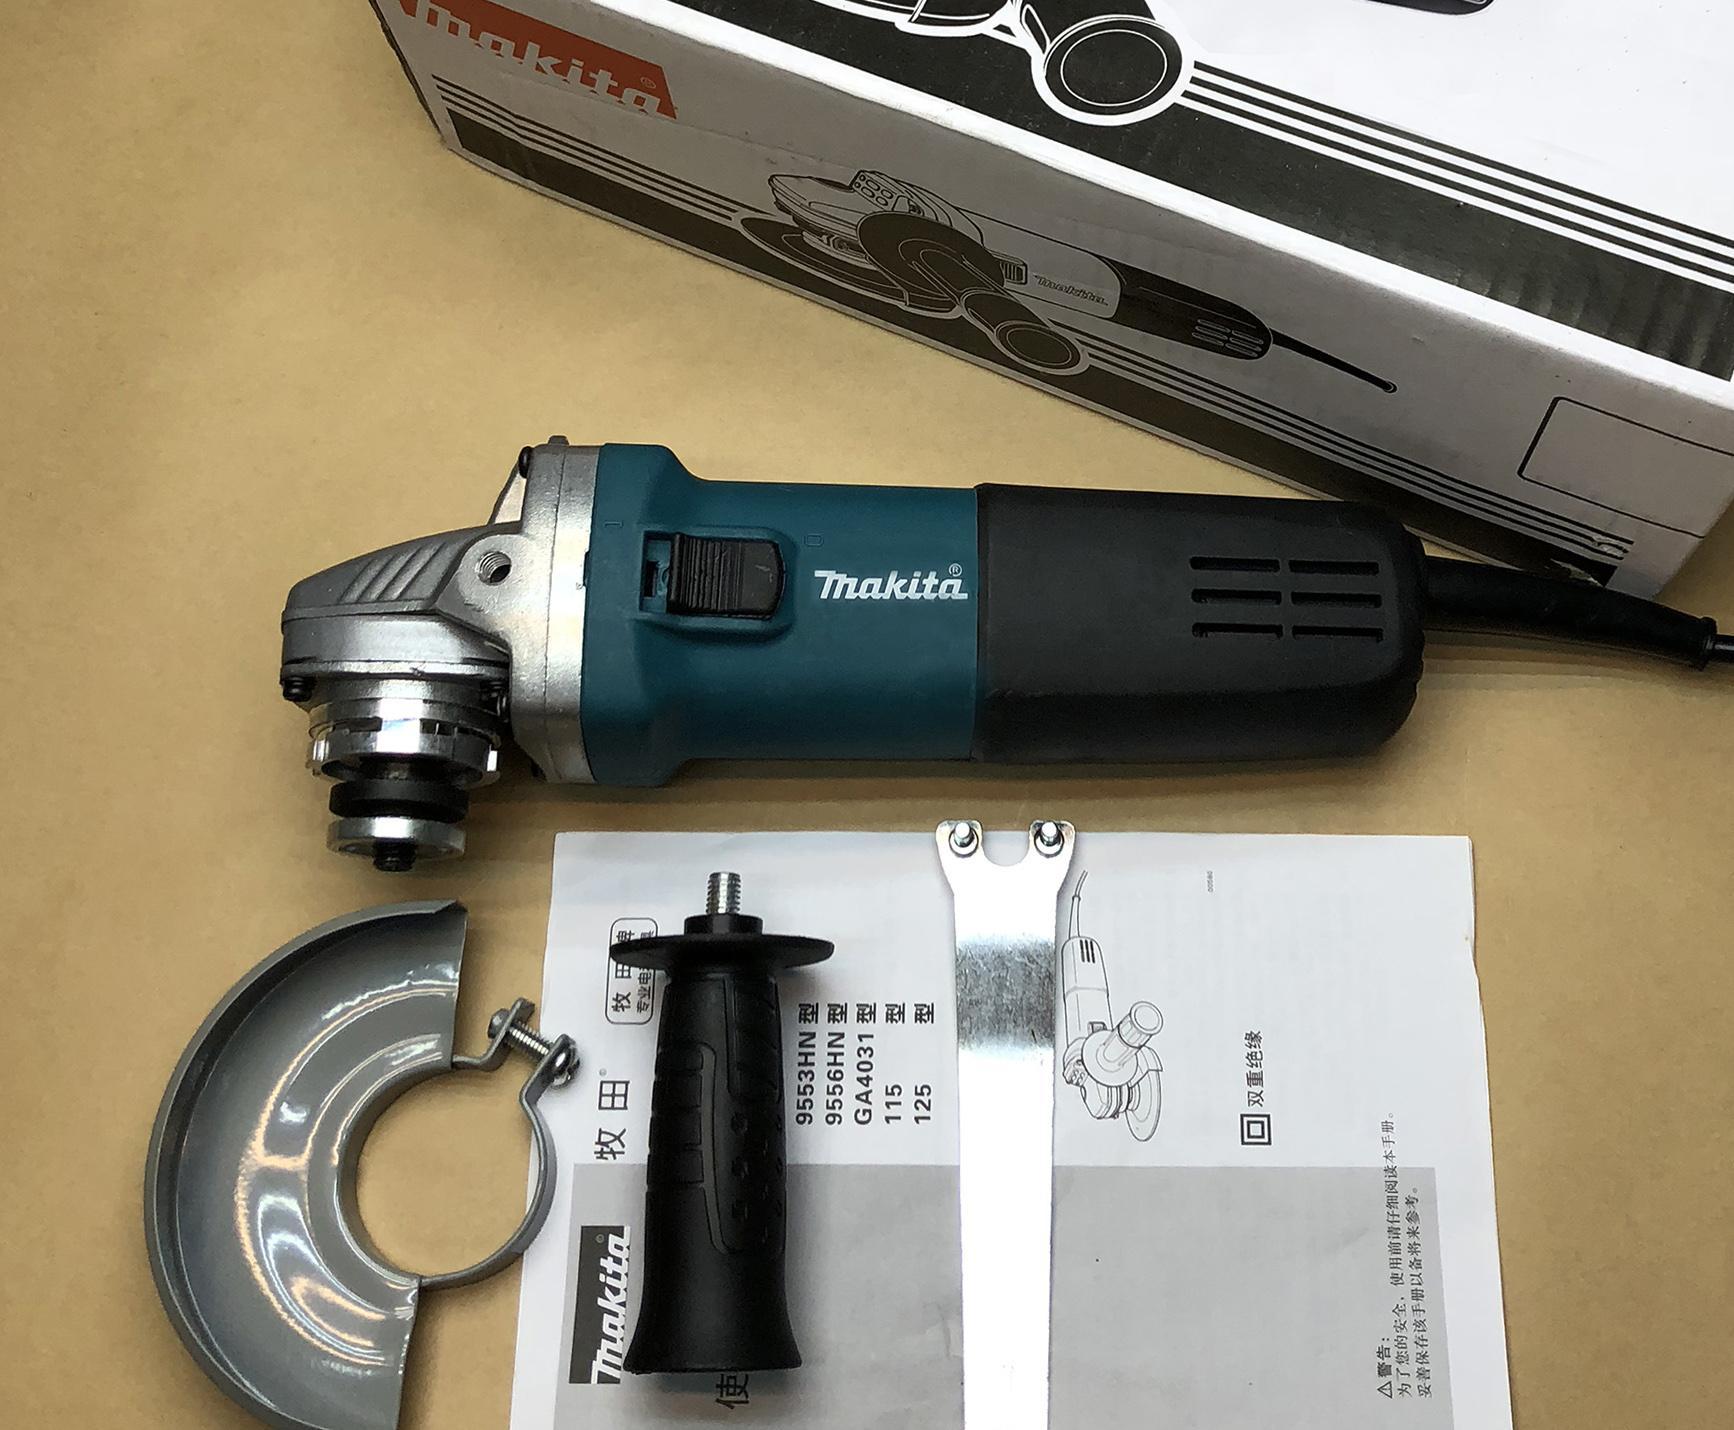 Máy mài góc máy cắt cầm tay Makita 9553NB 930W - Tặng 2 lưỡi cắt + 2 chổi than